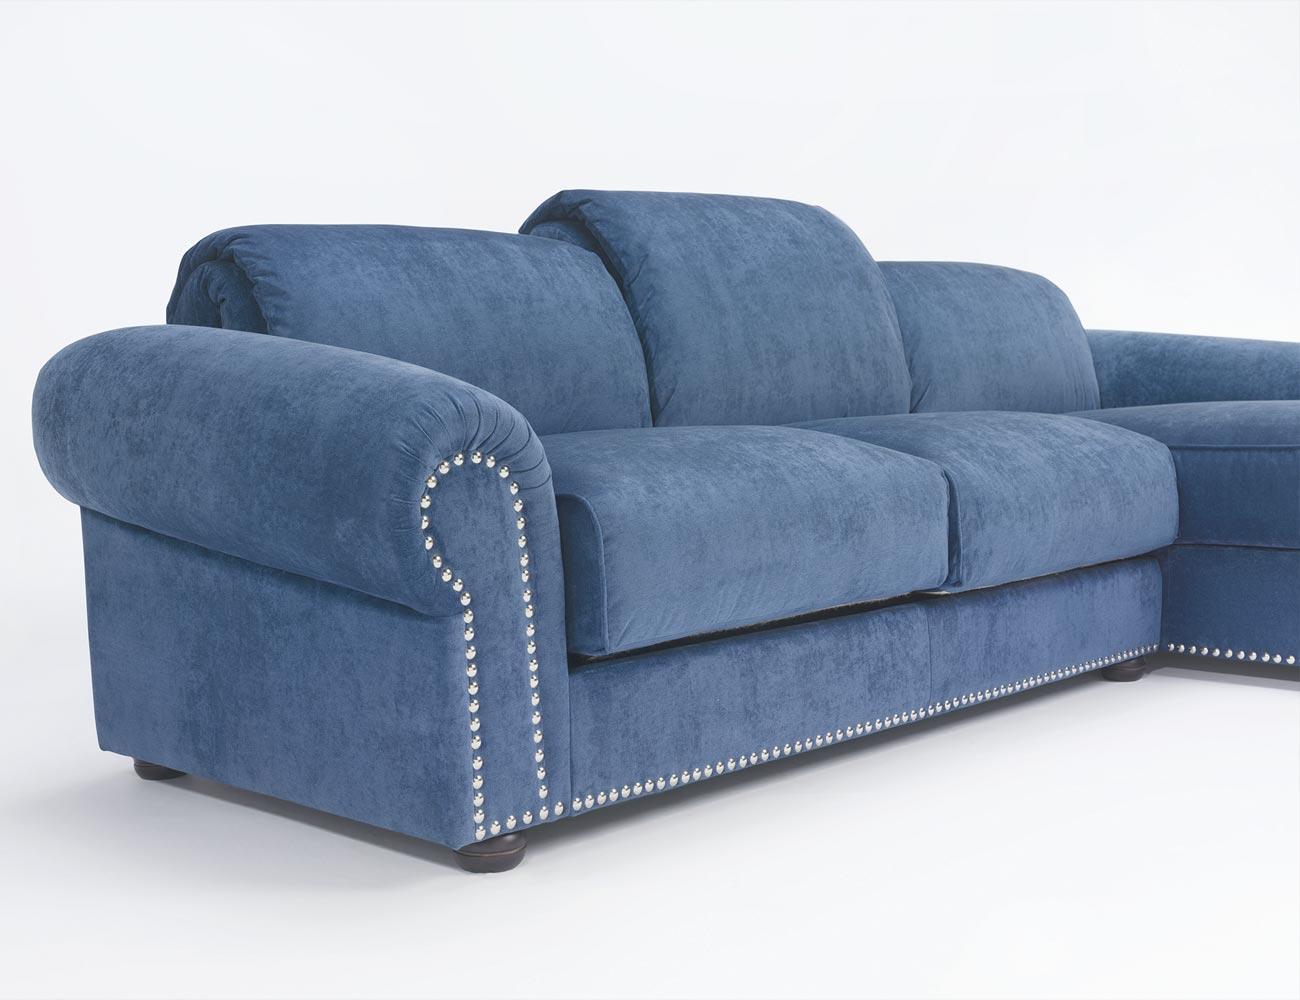 Sofa chaiselongue gran lujo decorativo azul 11